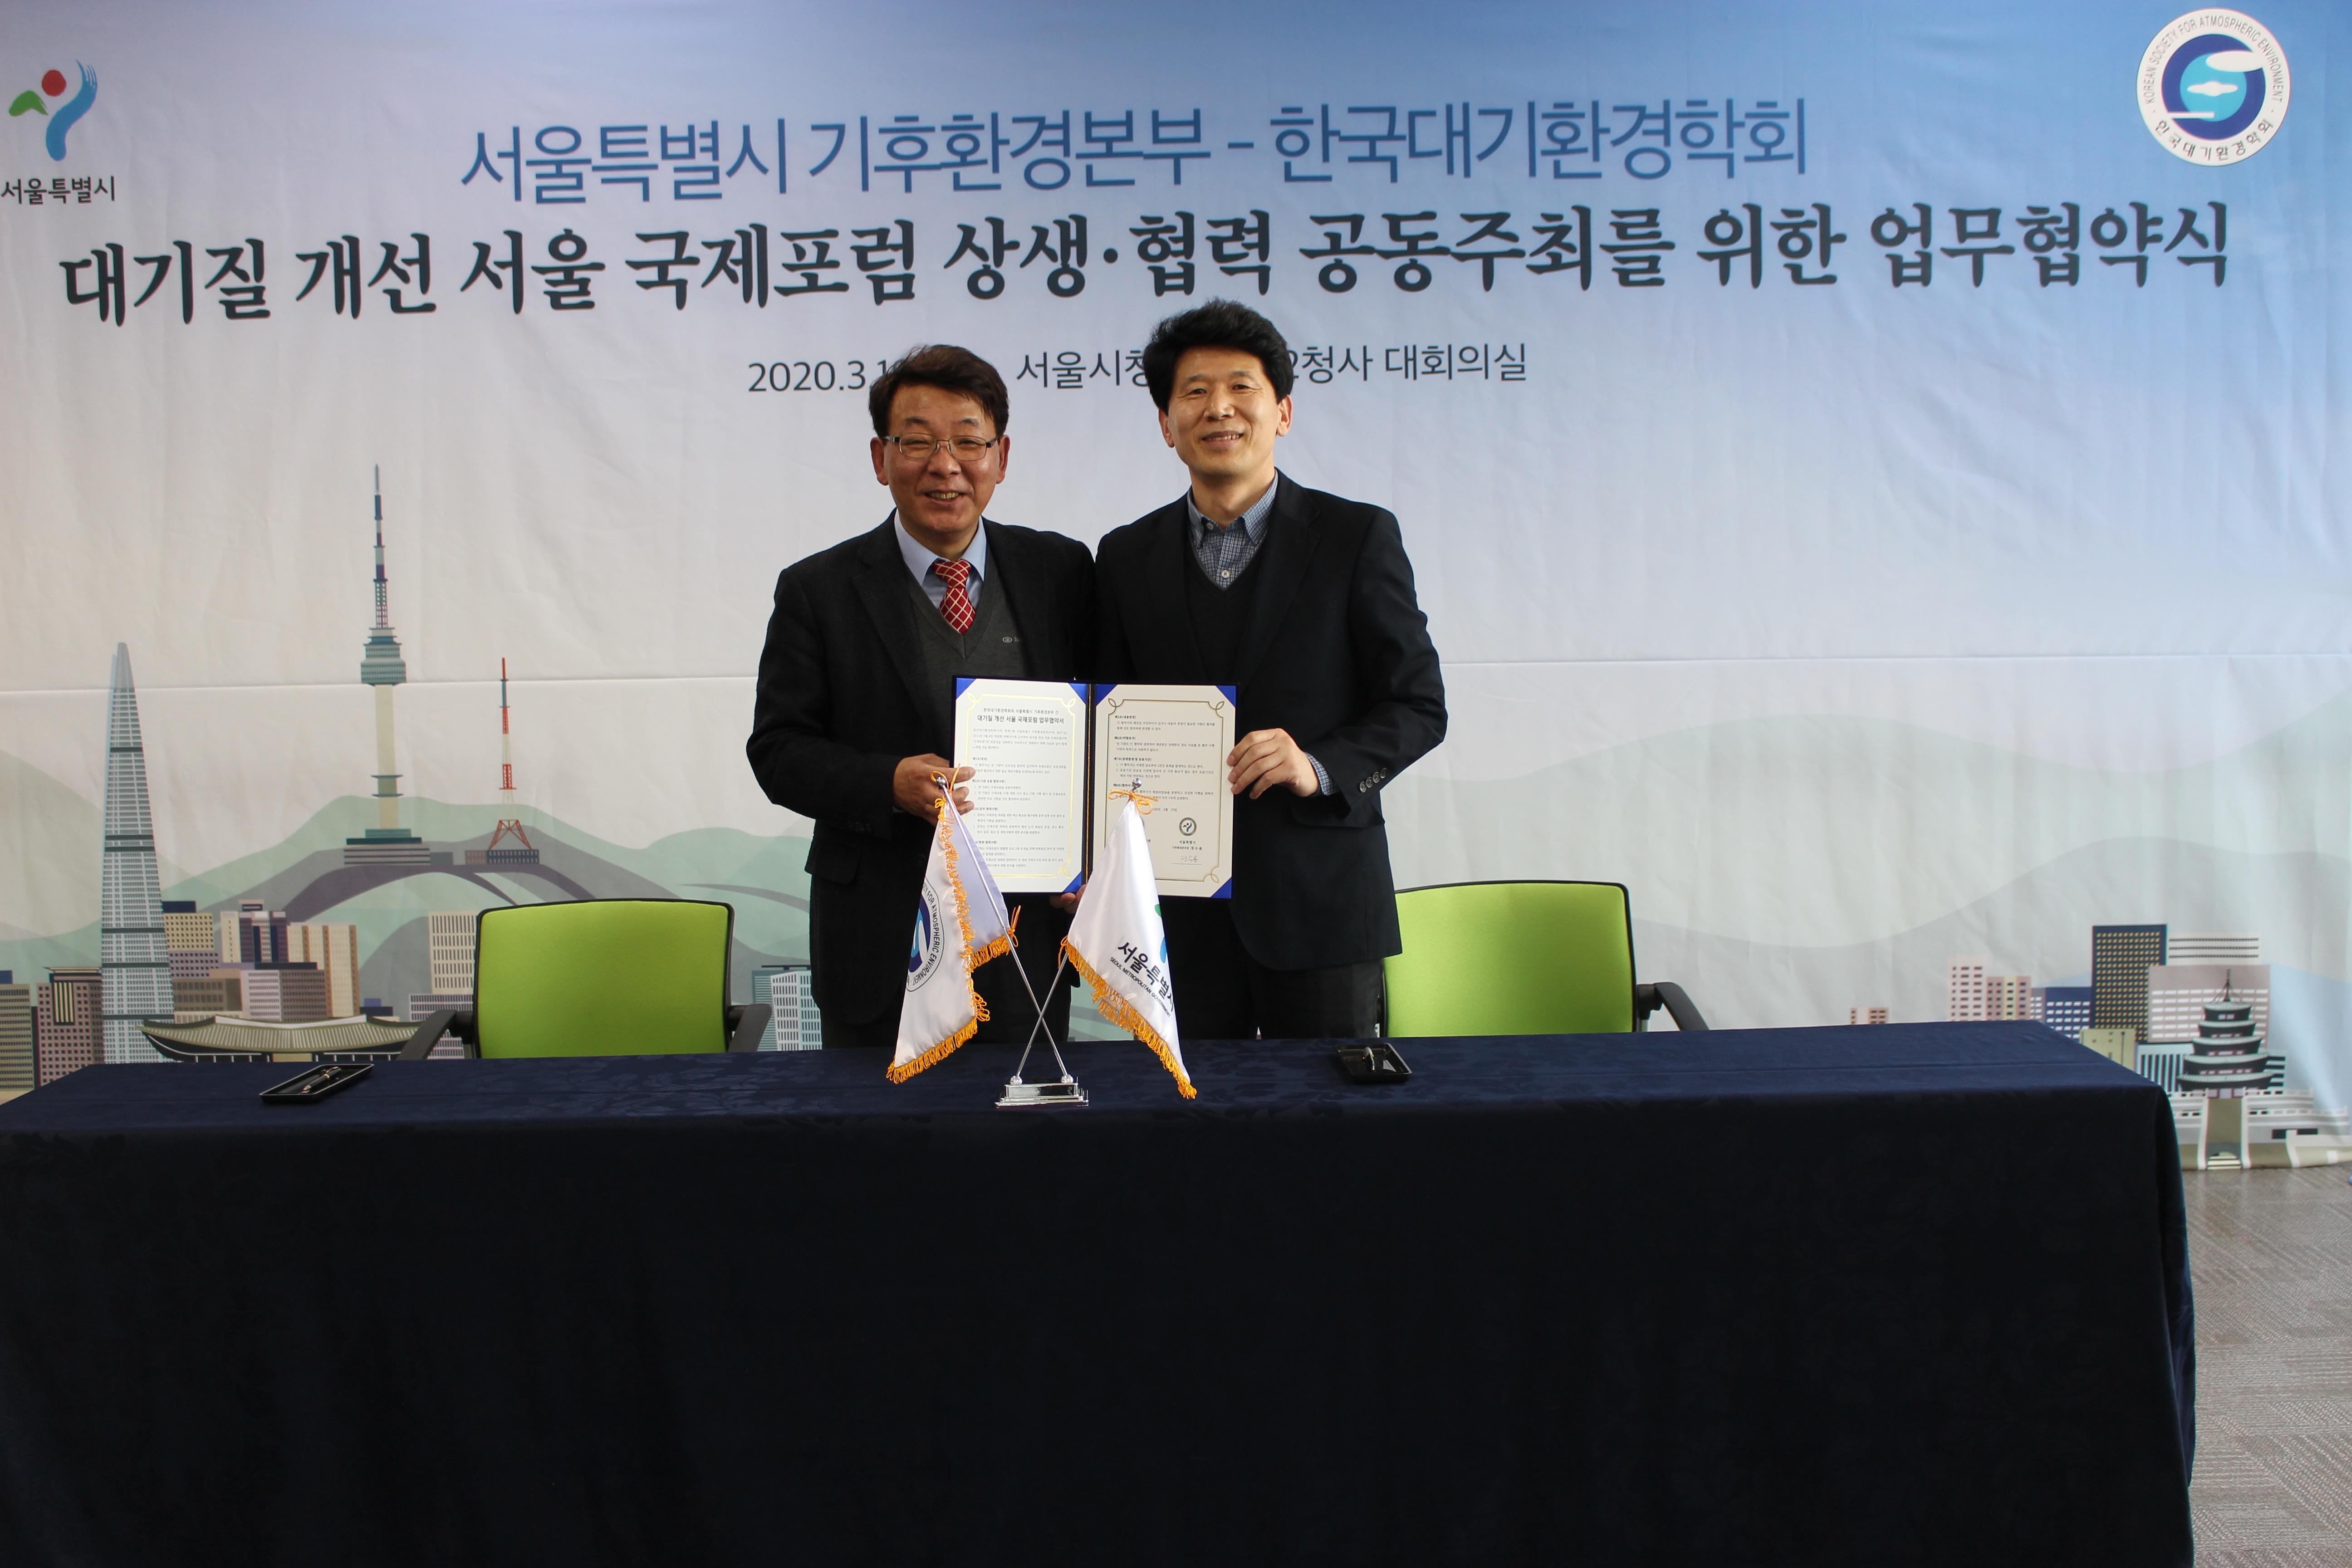 이미지 2:한국대기환경학회와 서울특별시 기후환경본부 업무협약식